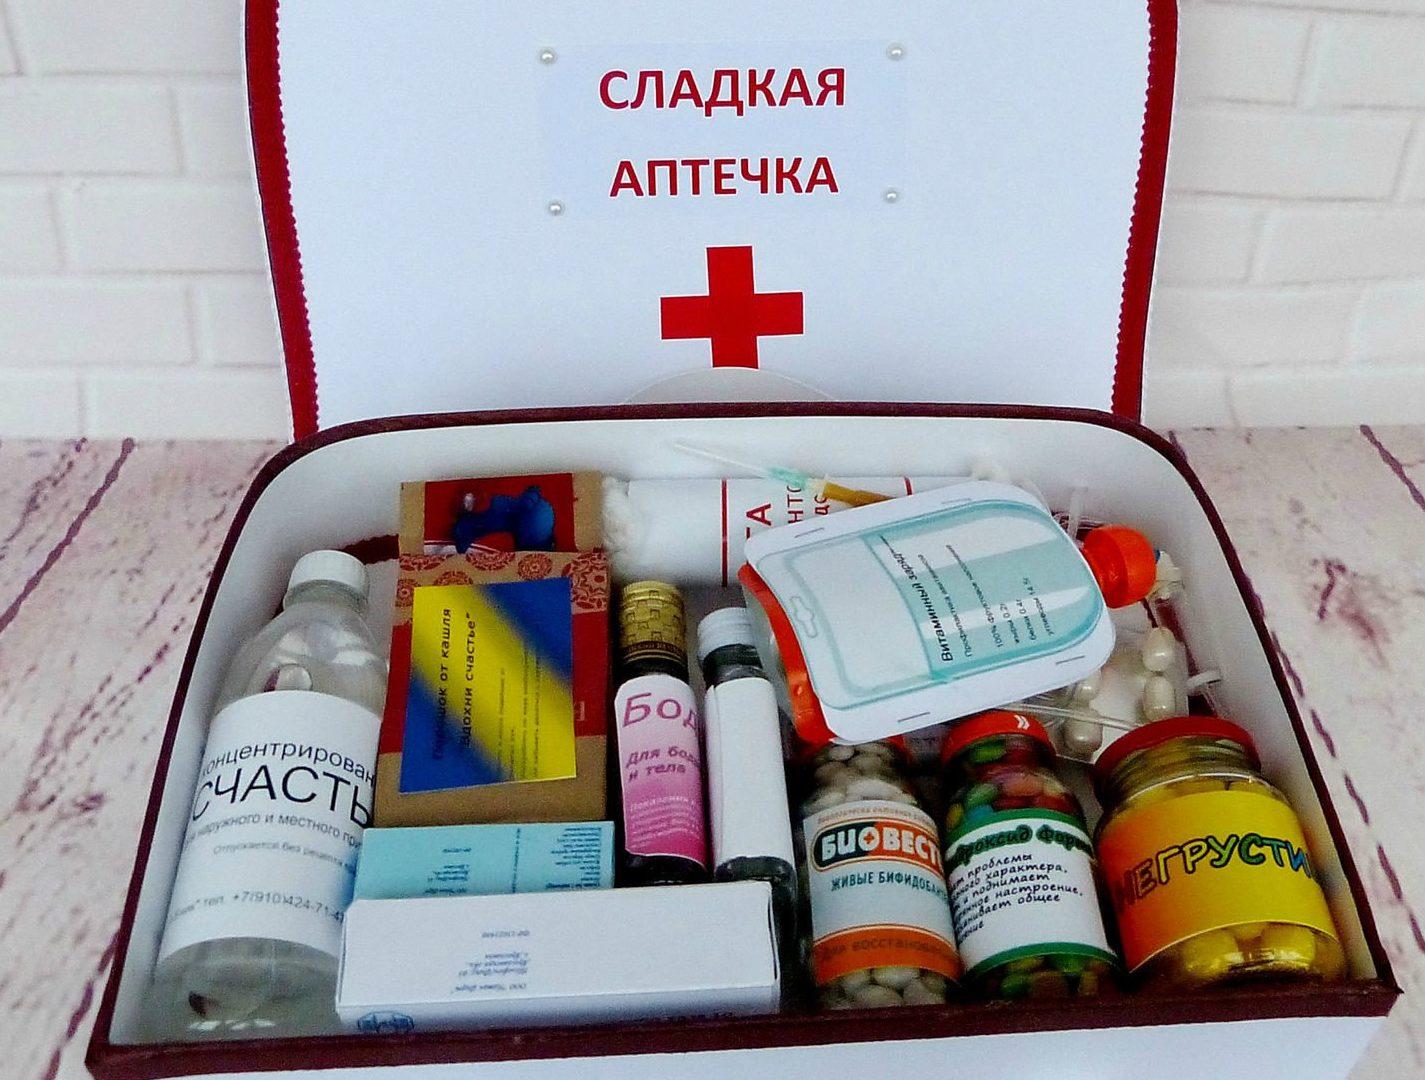 вопросов, поздравление к подарку аптечка с рюмками дом